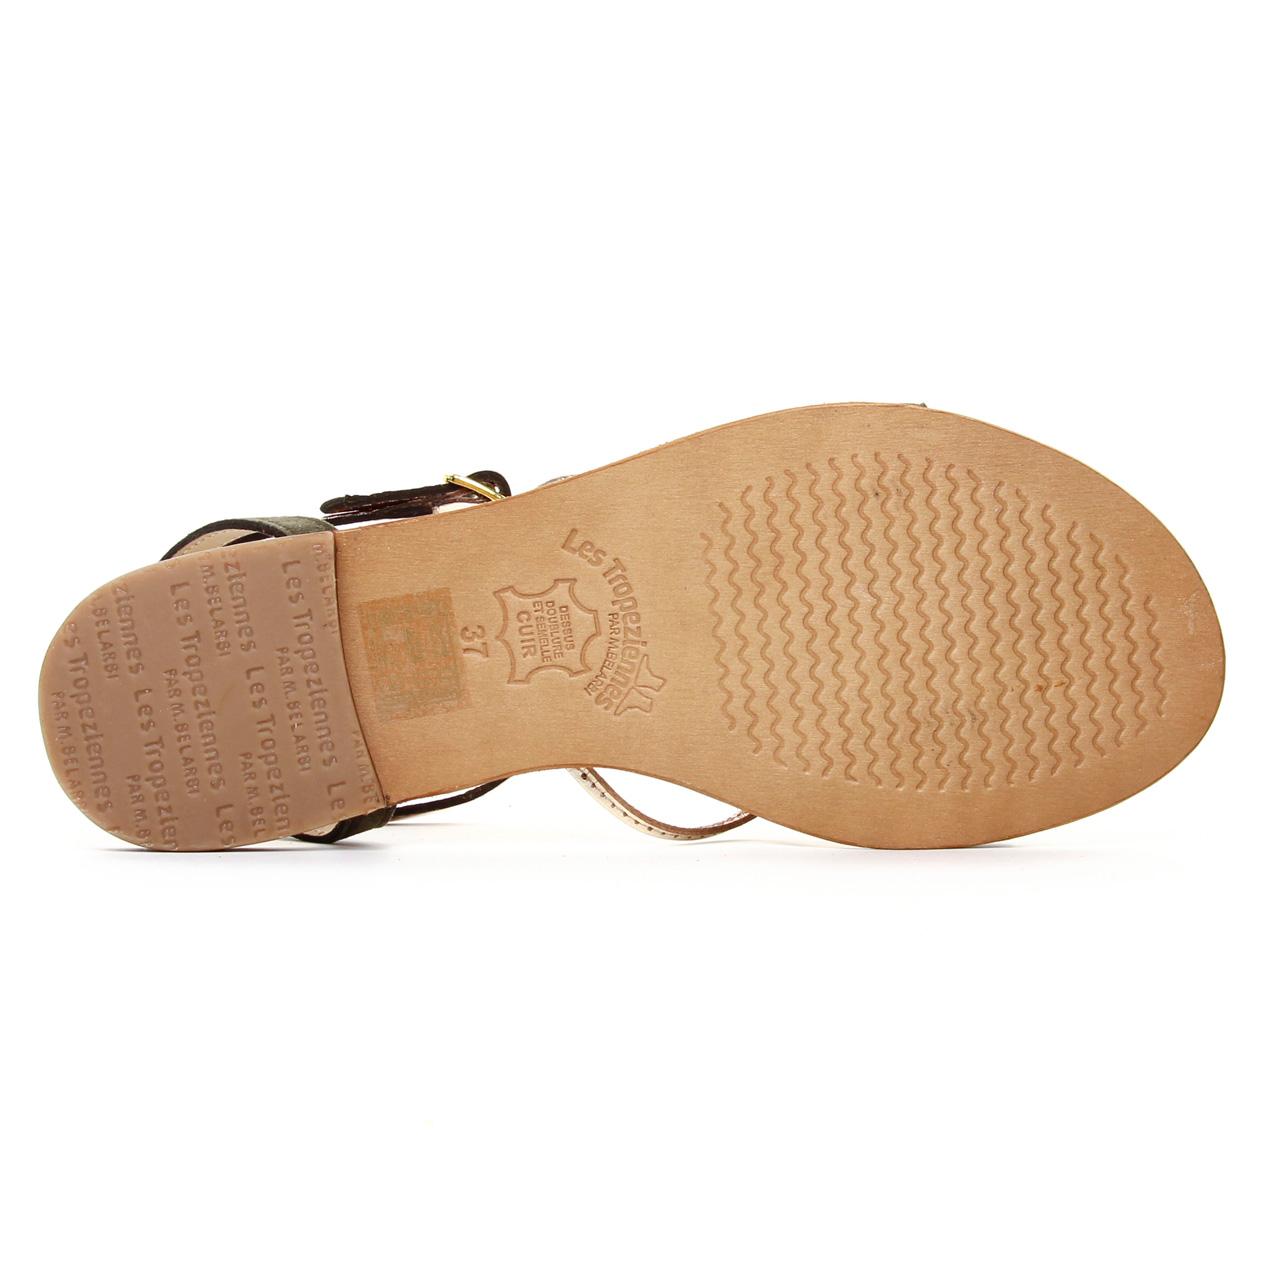 Les Tropeziennes Hironbuc Kaki | sandales vert kaki